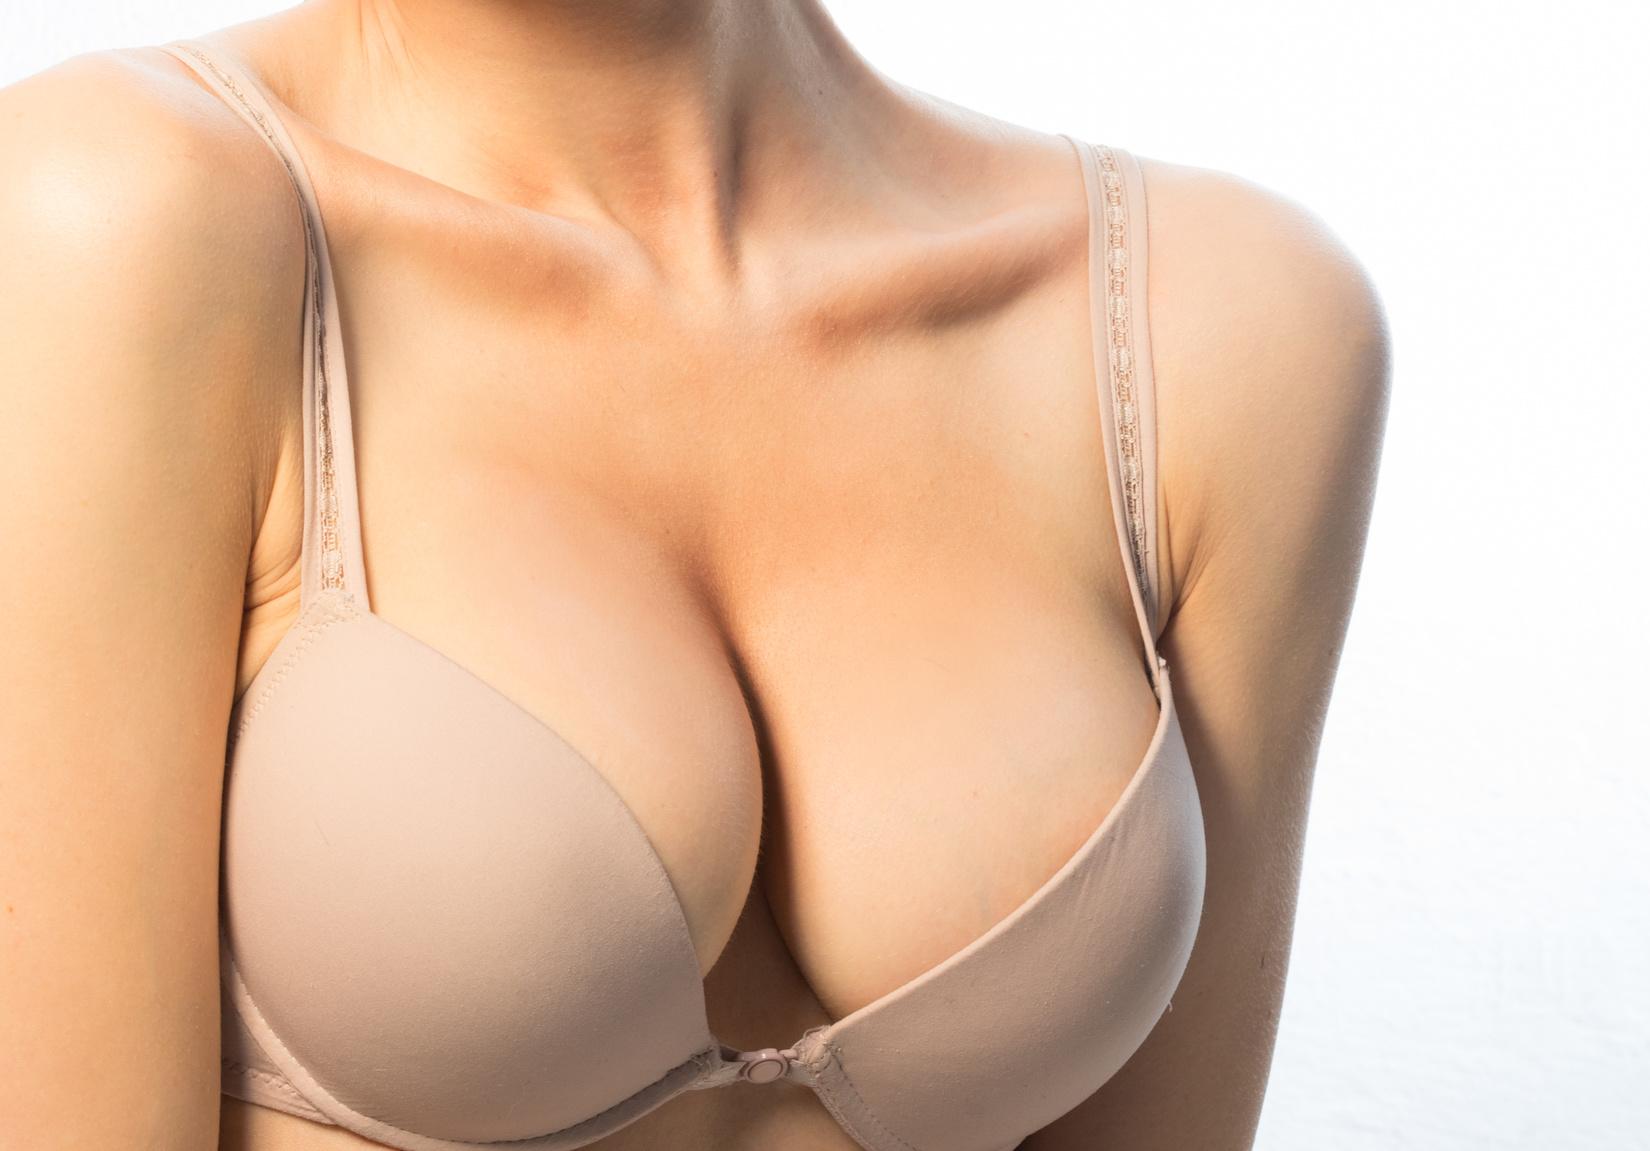 隆乳,魔滴,MOTIVE,3D隆乳,5D隆乳,安全隆乳,隆乳手術,隆乳整形